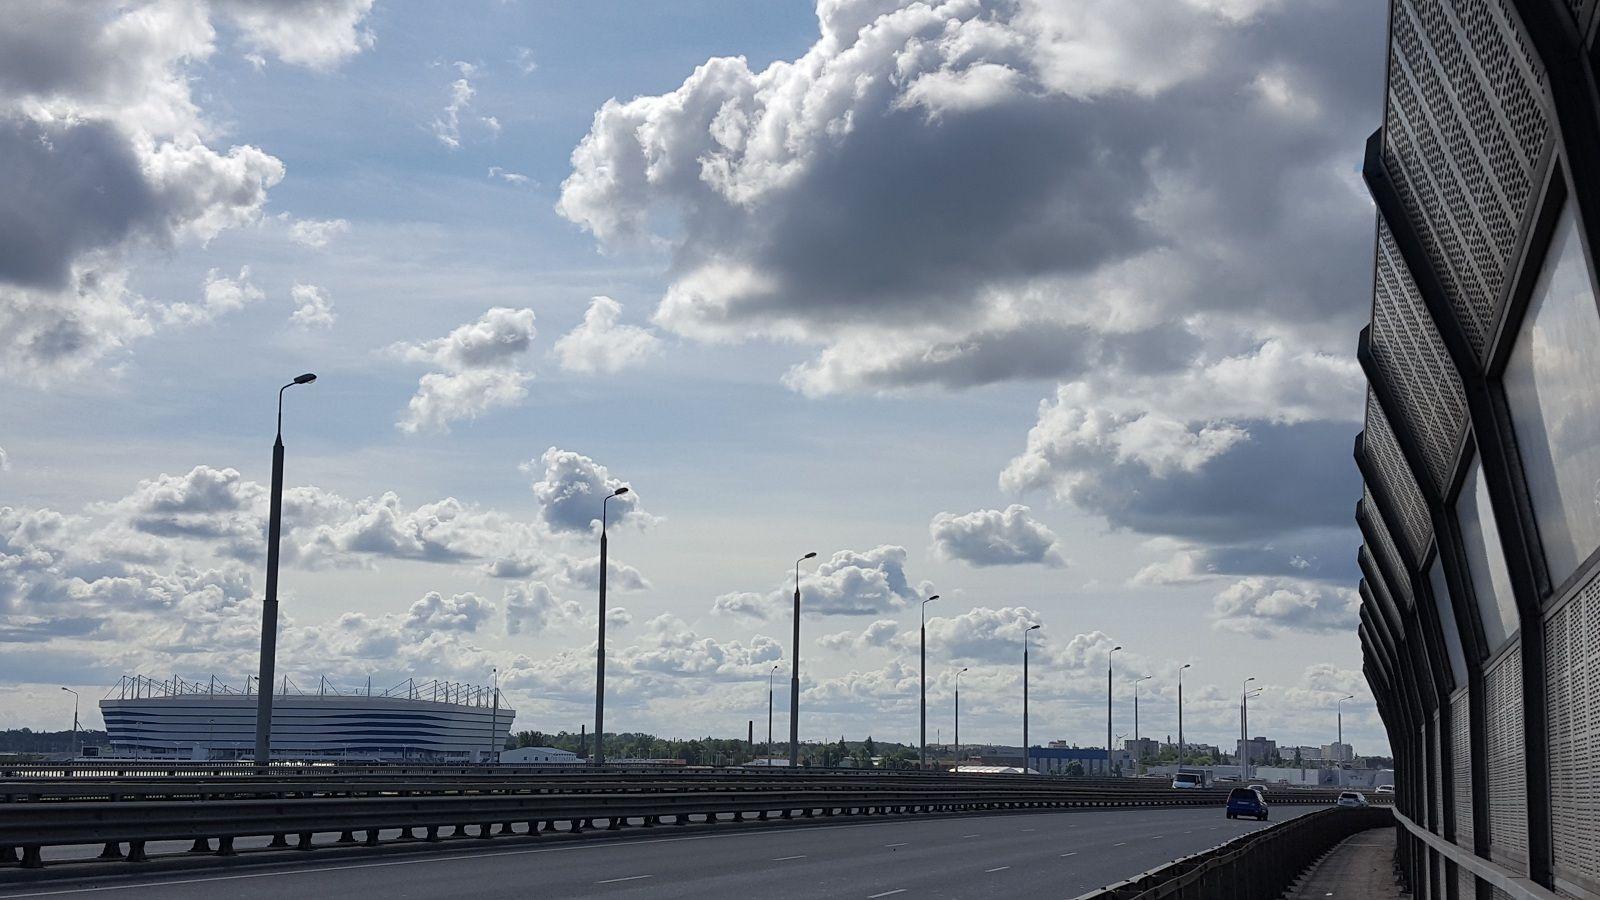 Как я провела свой день рождение, я покажу вам летний Калининград, фото 25